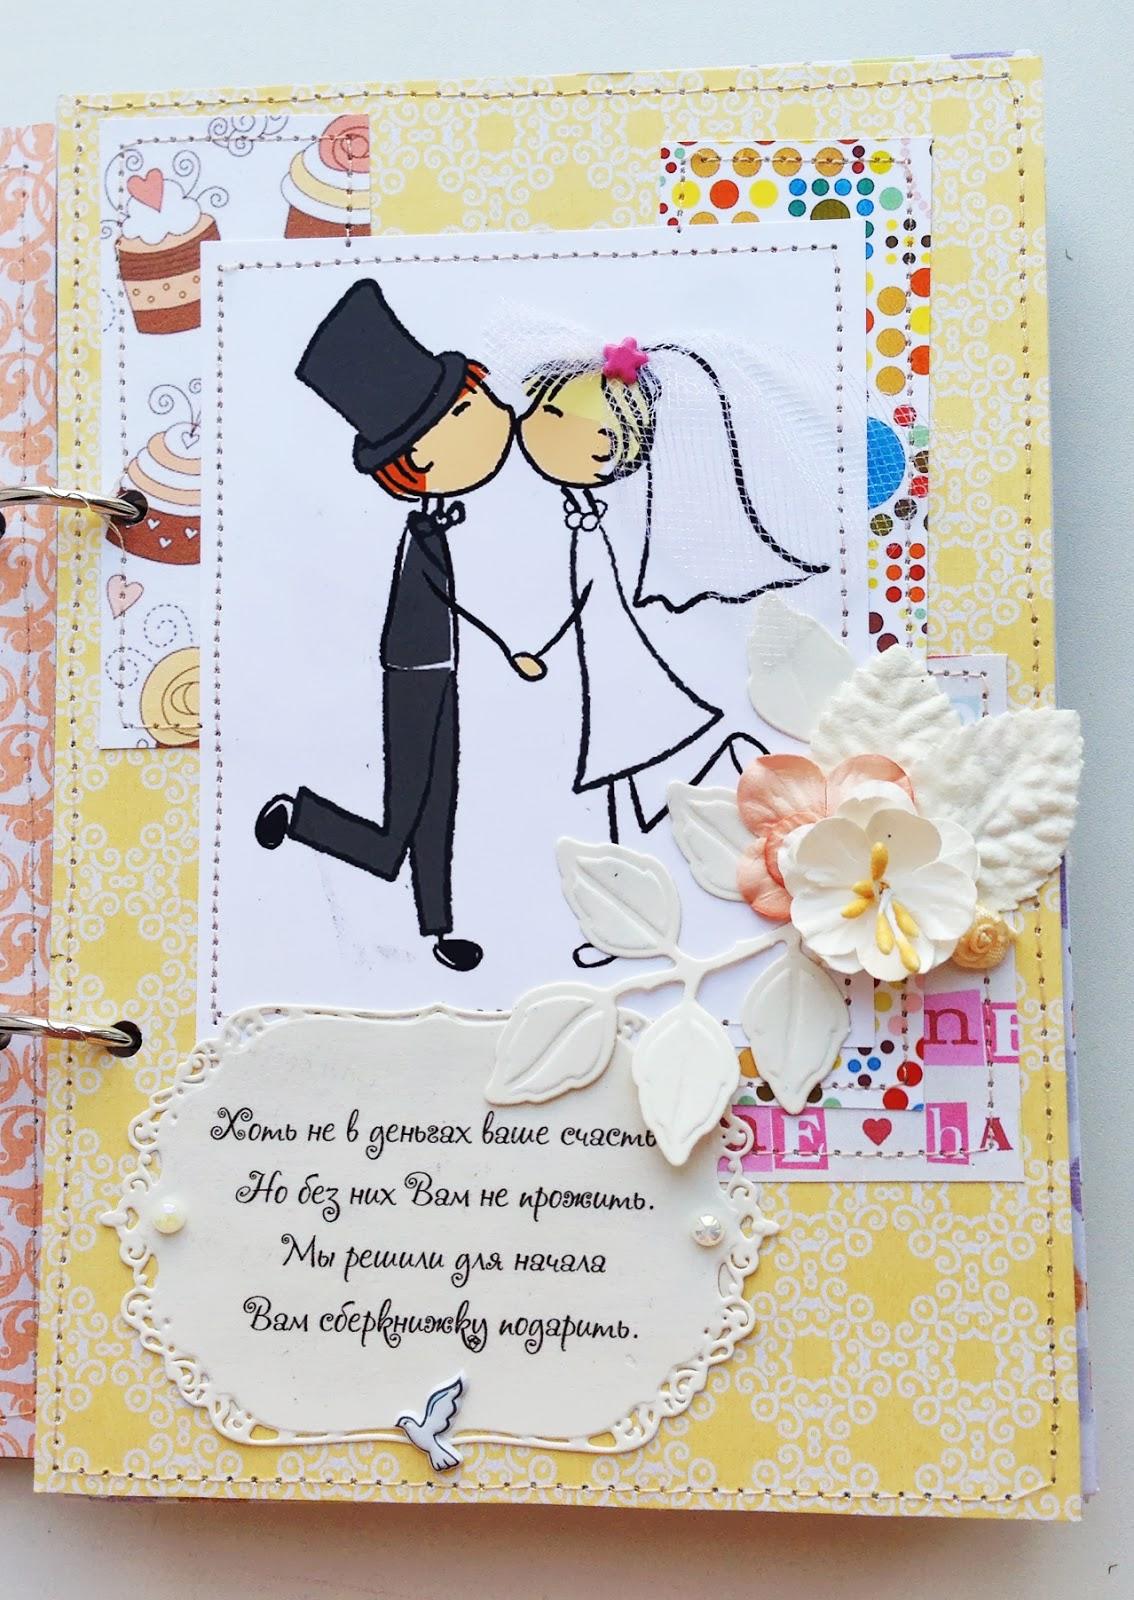 Необычное поздравление со свадьбой от сестры